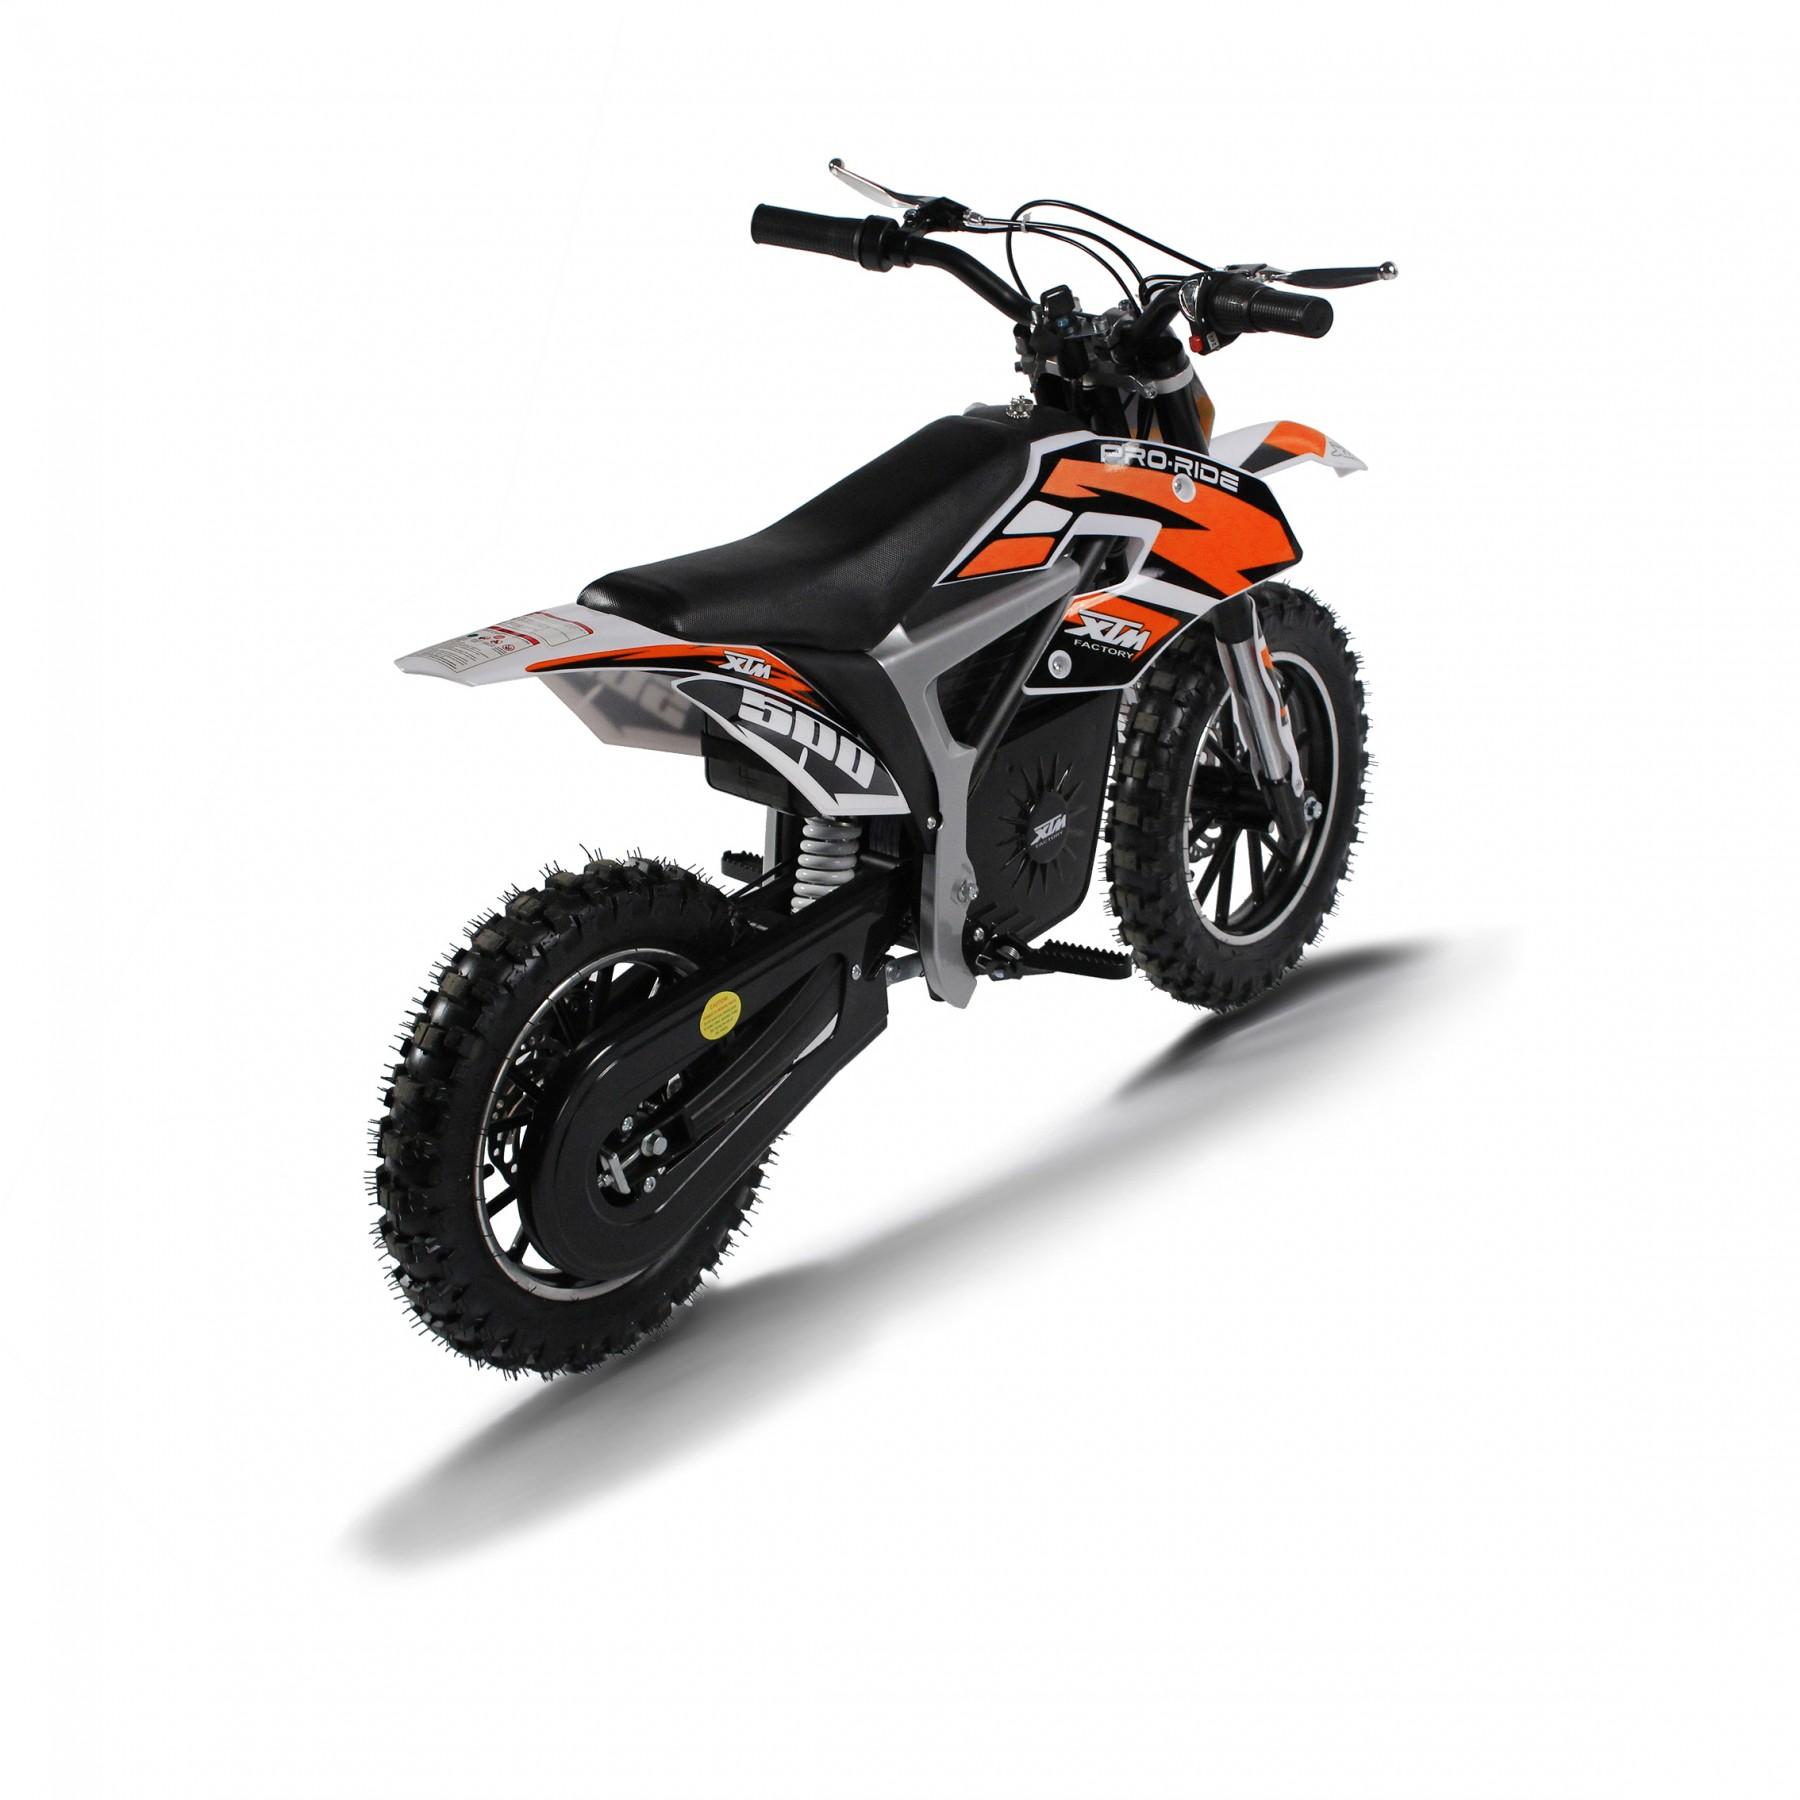 XTM PRO-RIDER 24v 500w DIRT BIKE ORANGE